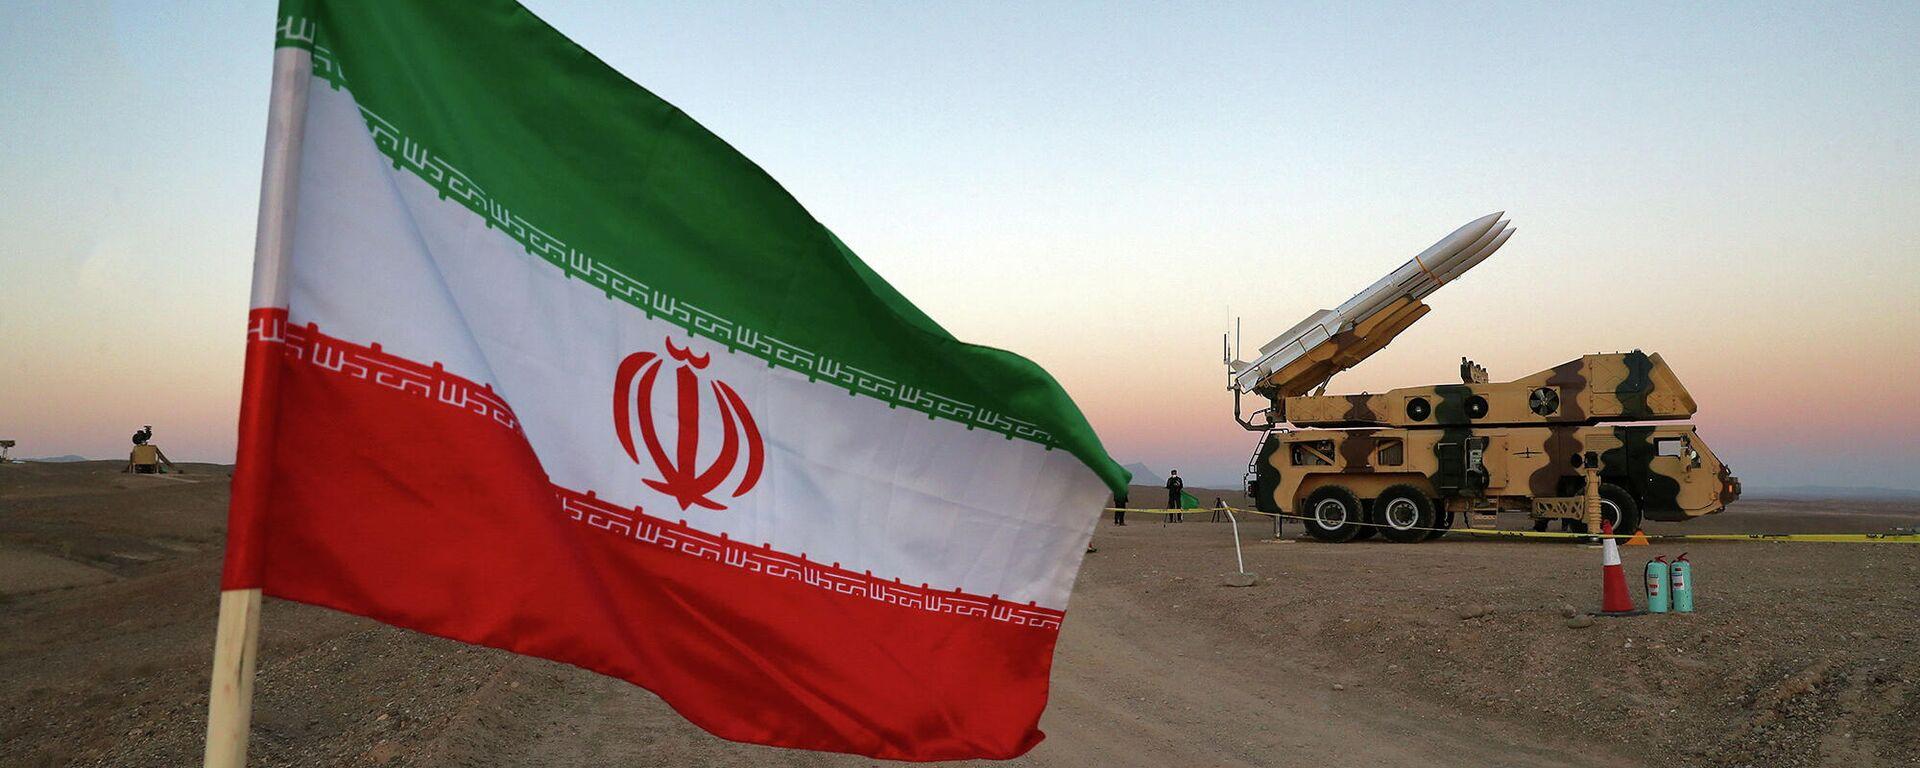 Iranische Flagge (Archivfoto) - SNA, 1920, 04.01.2021